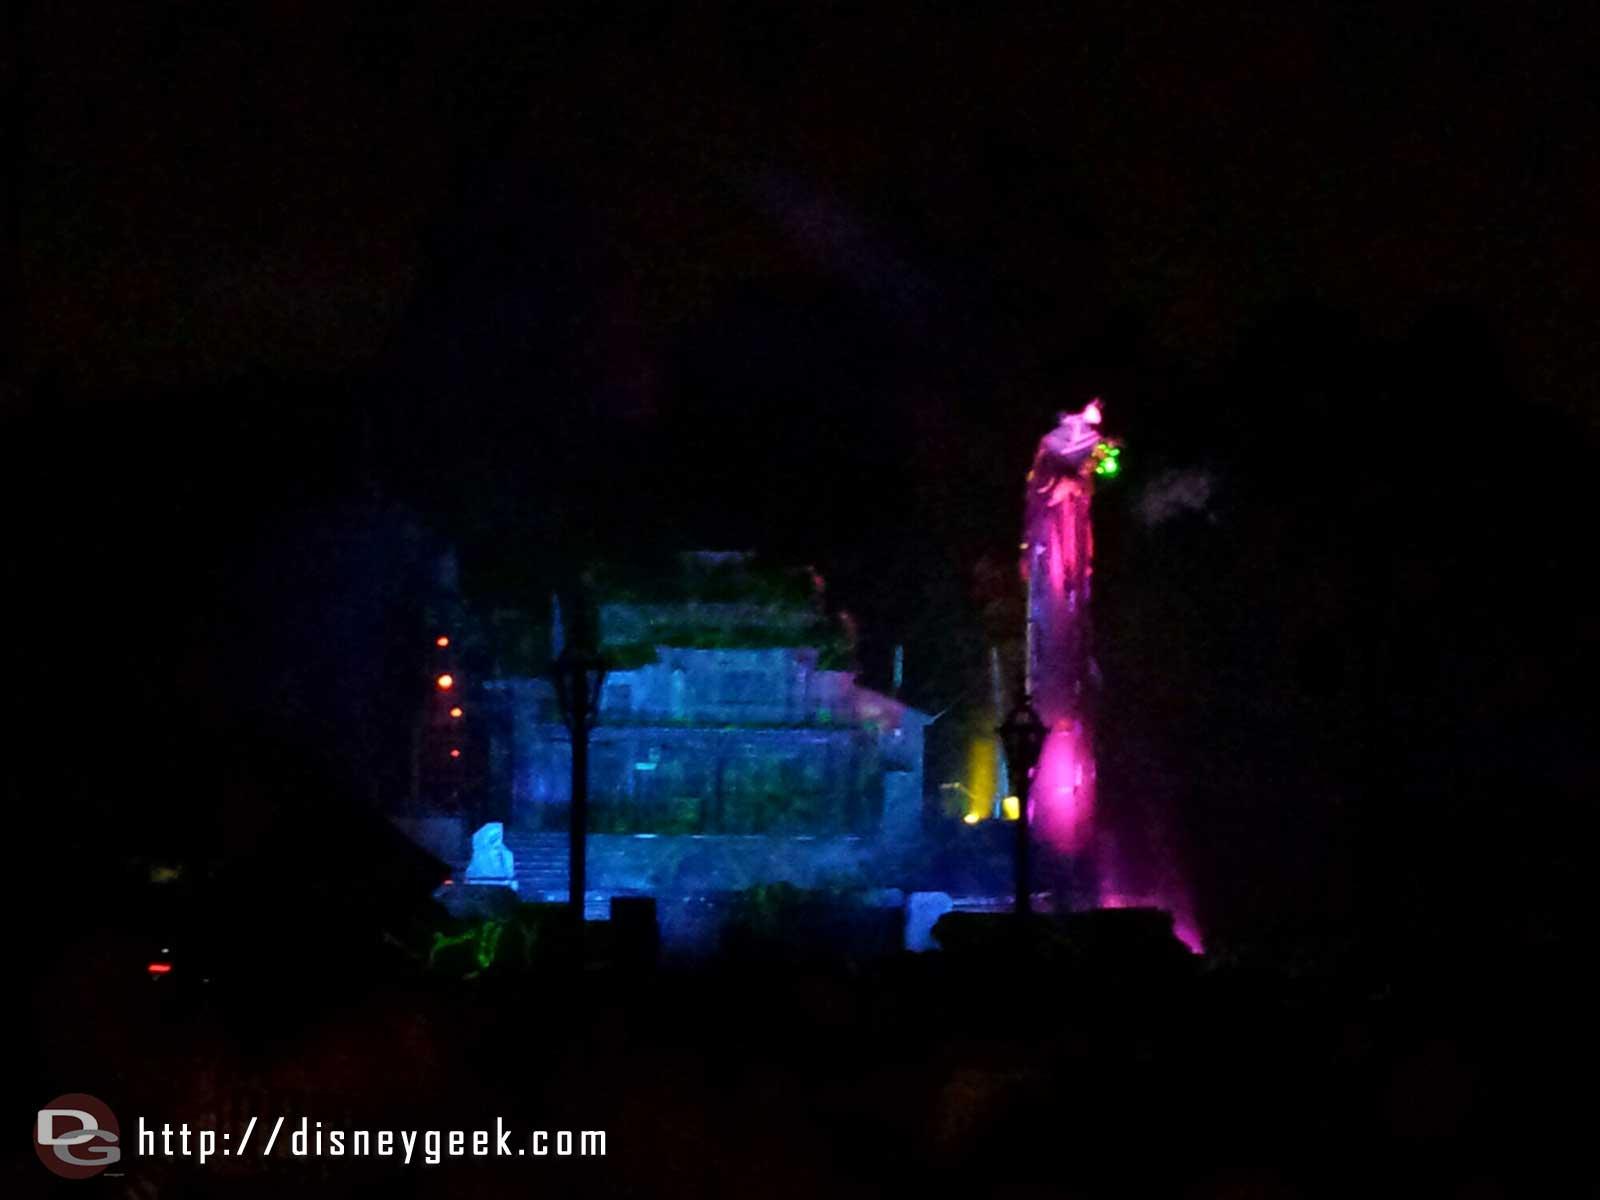 No dragon in #Fantasmic tonight #Disneyland